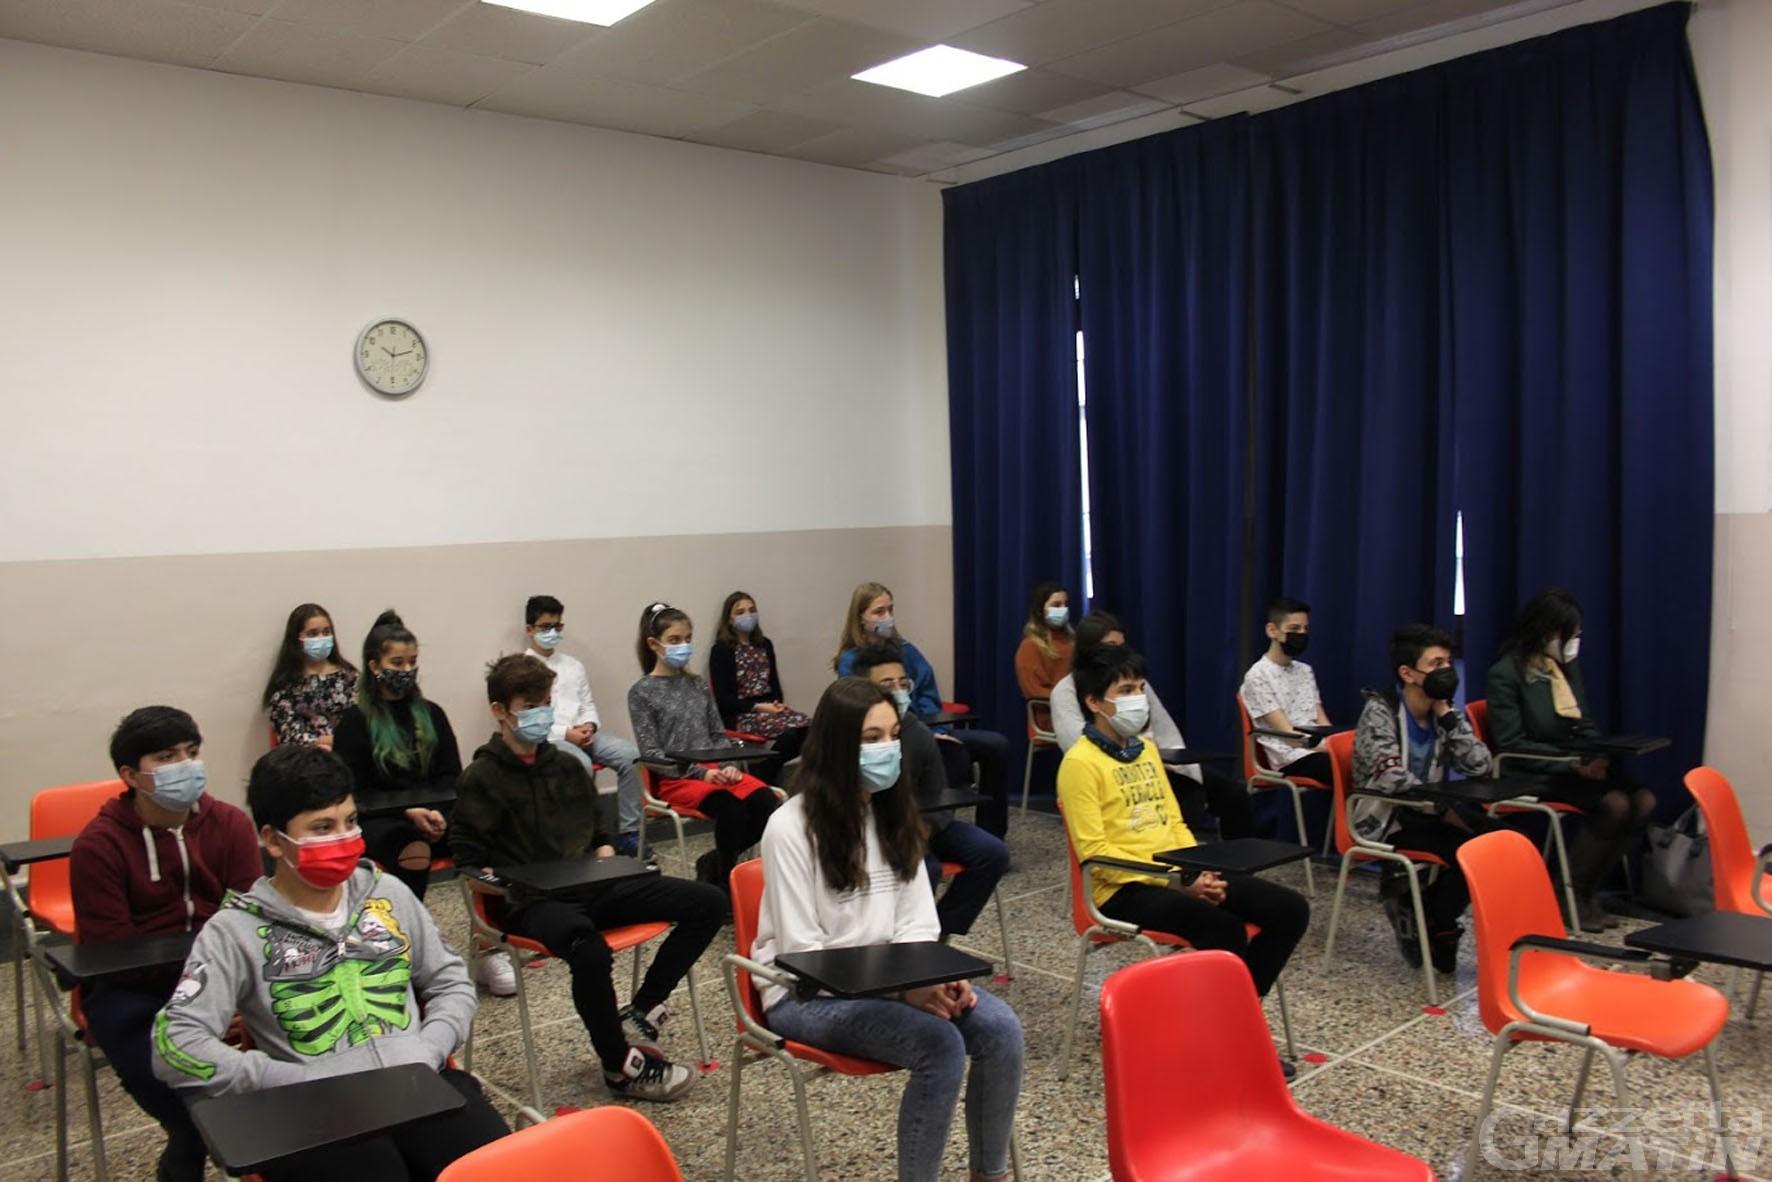 Scuola: da Autostrade per l'Italia 20 tablet all'Istituto San Francesco di Aosta